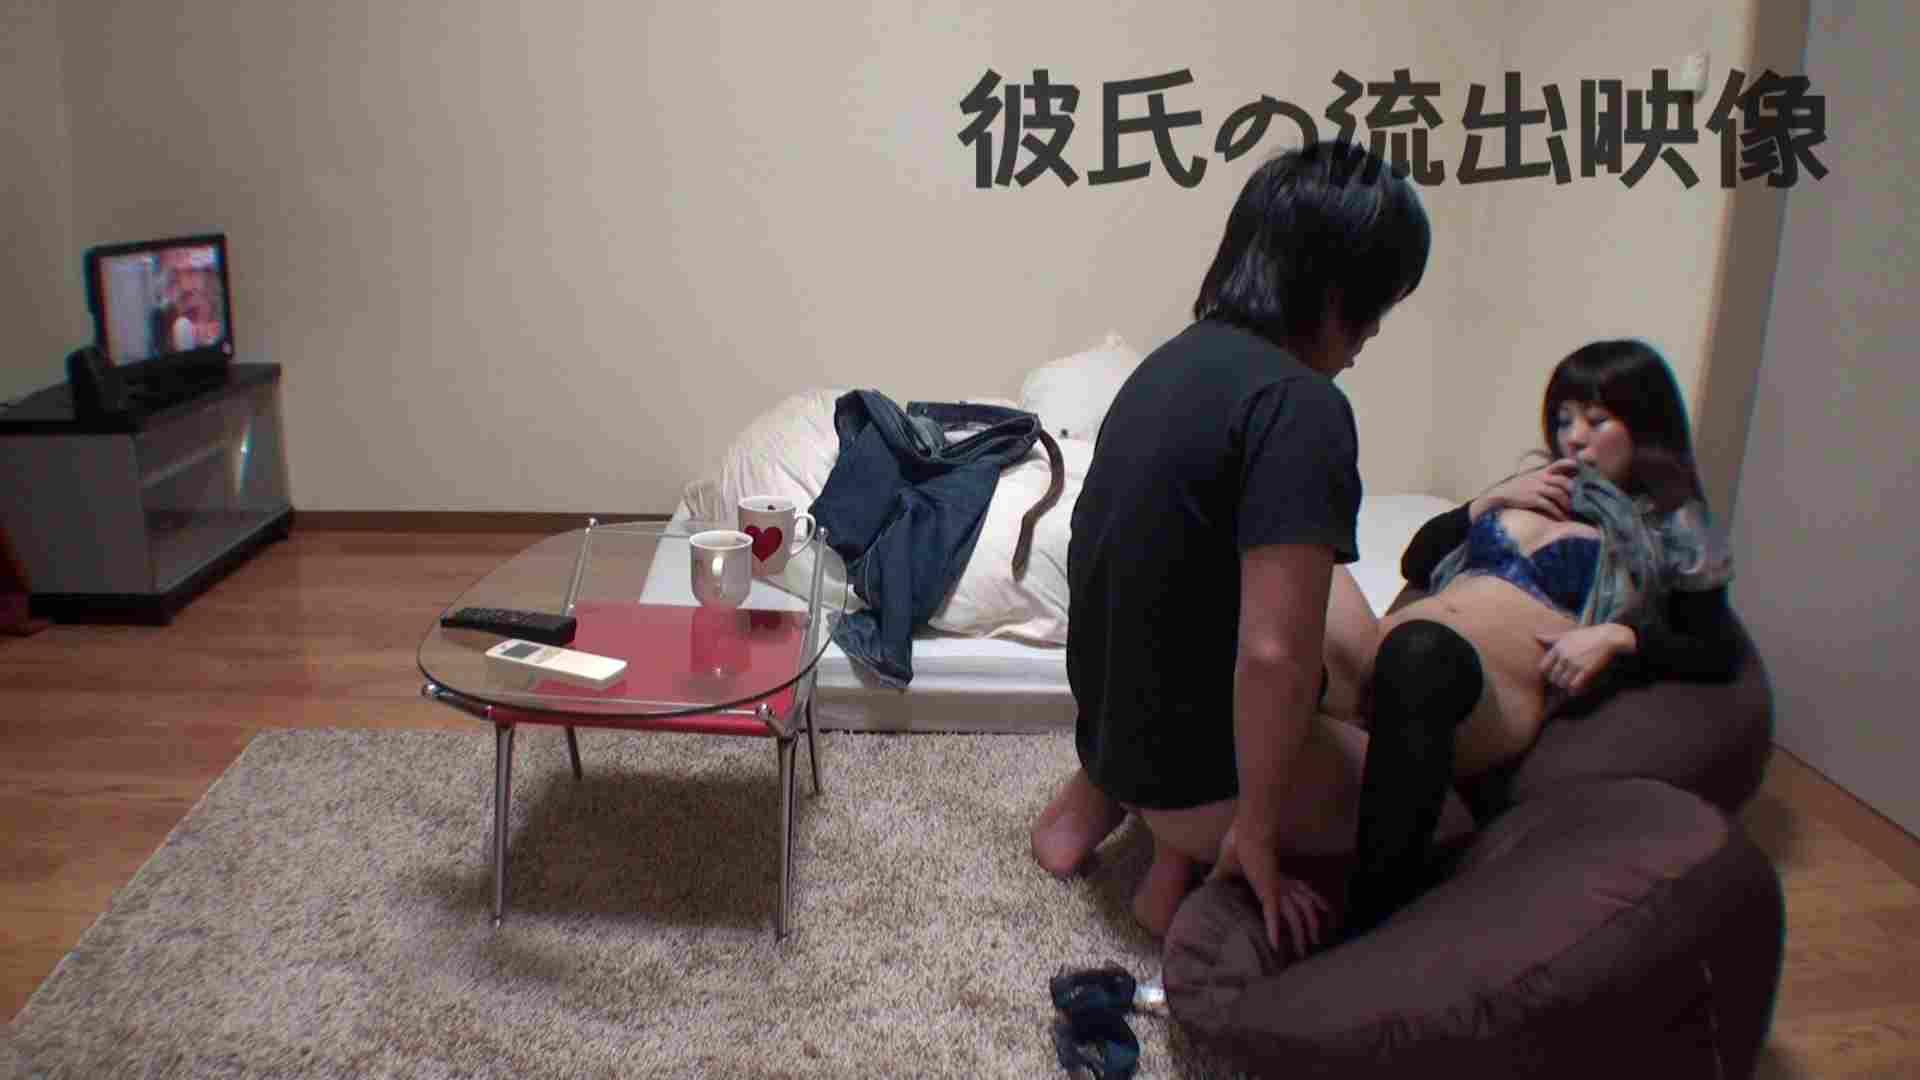 彼氏が流出 パイパン素人嬢のハメ撮り映像02 中出し ワレメ動画紹介 46pic 21